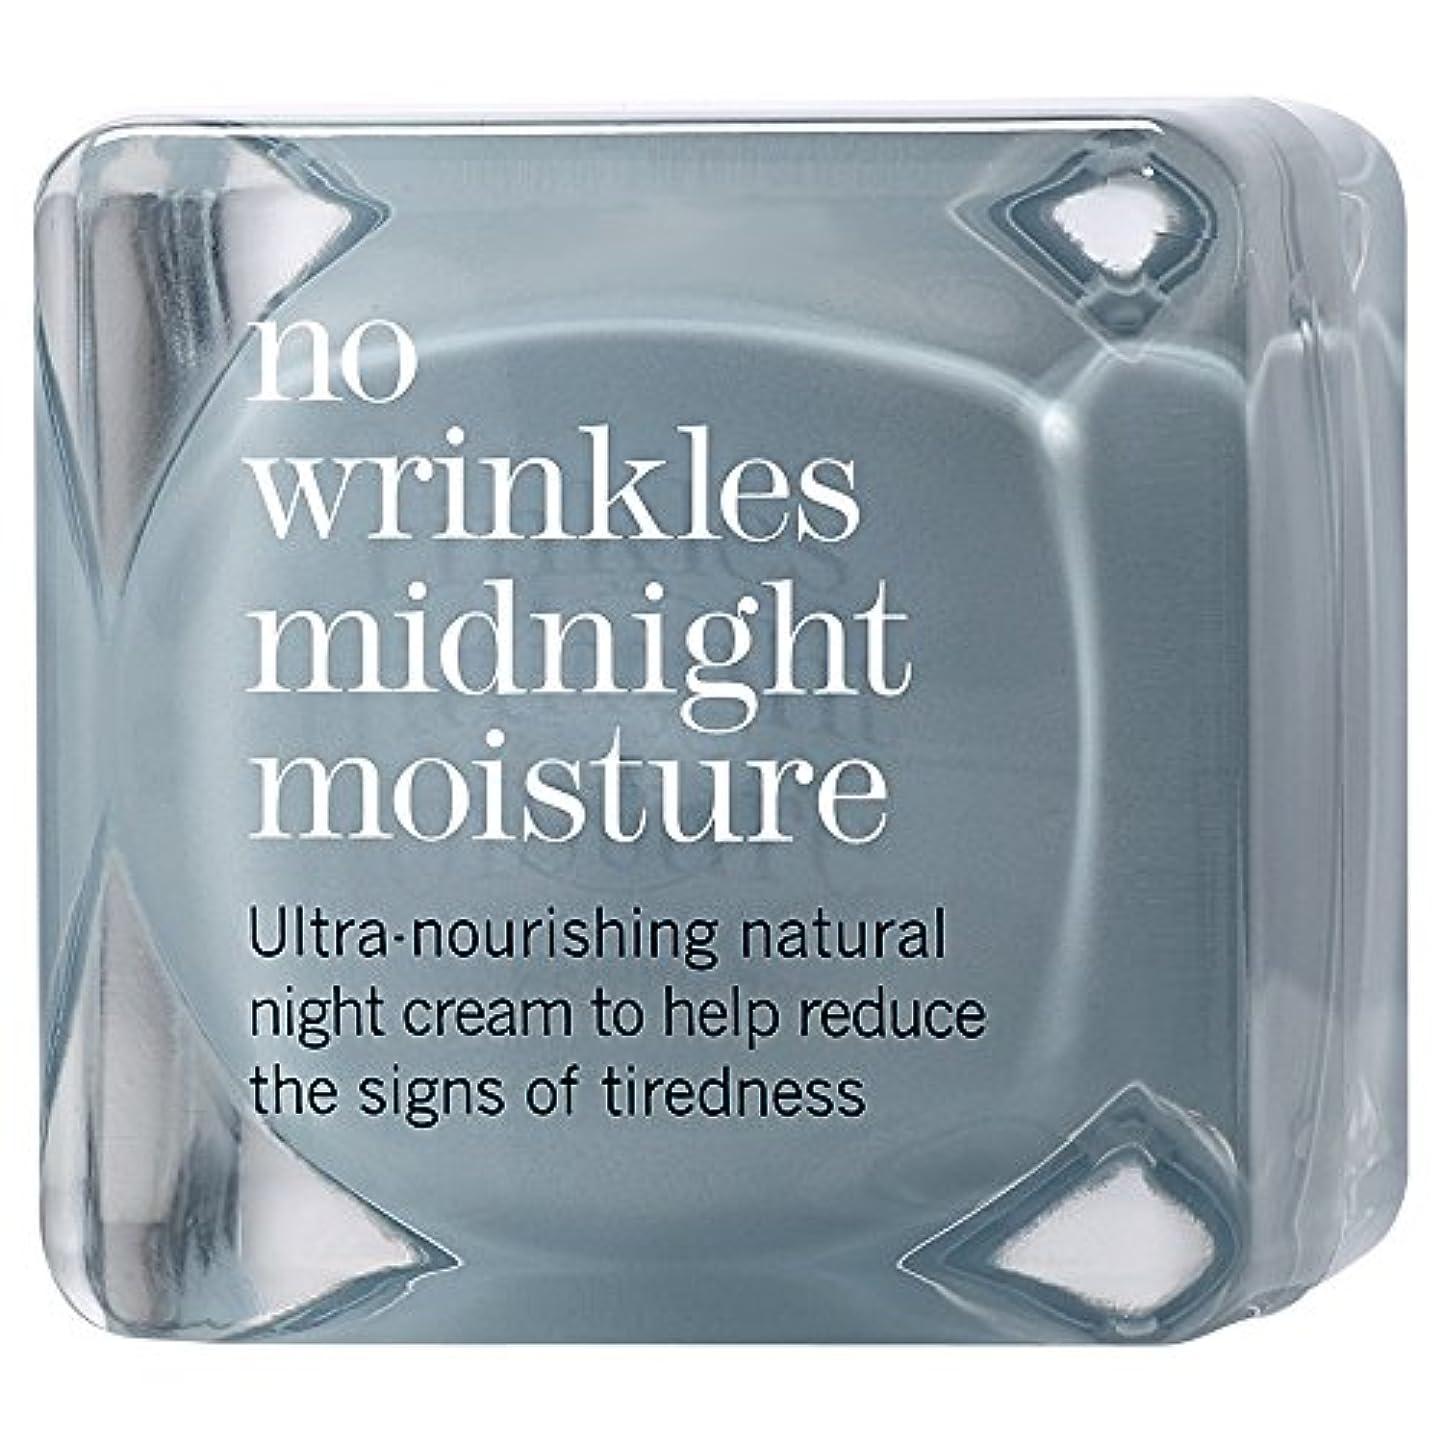 拡張お酢栄光のこれにはしわ真夜中の水分48ミリリットルの作品はありません (This Works) - This Works No Wrinkles Midnight Moisture 48ml [並行輸入品]